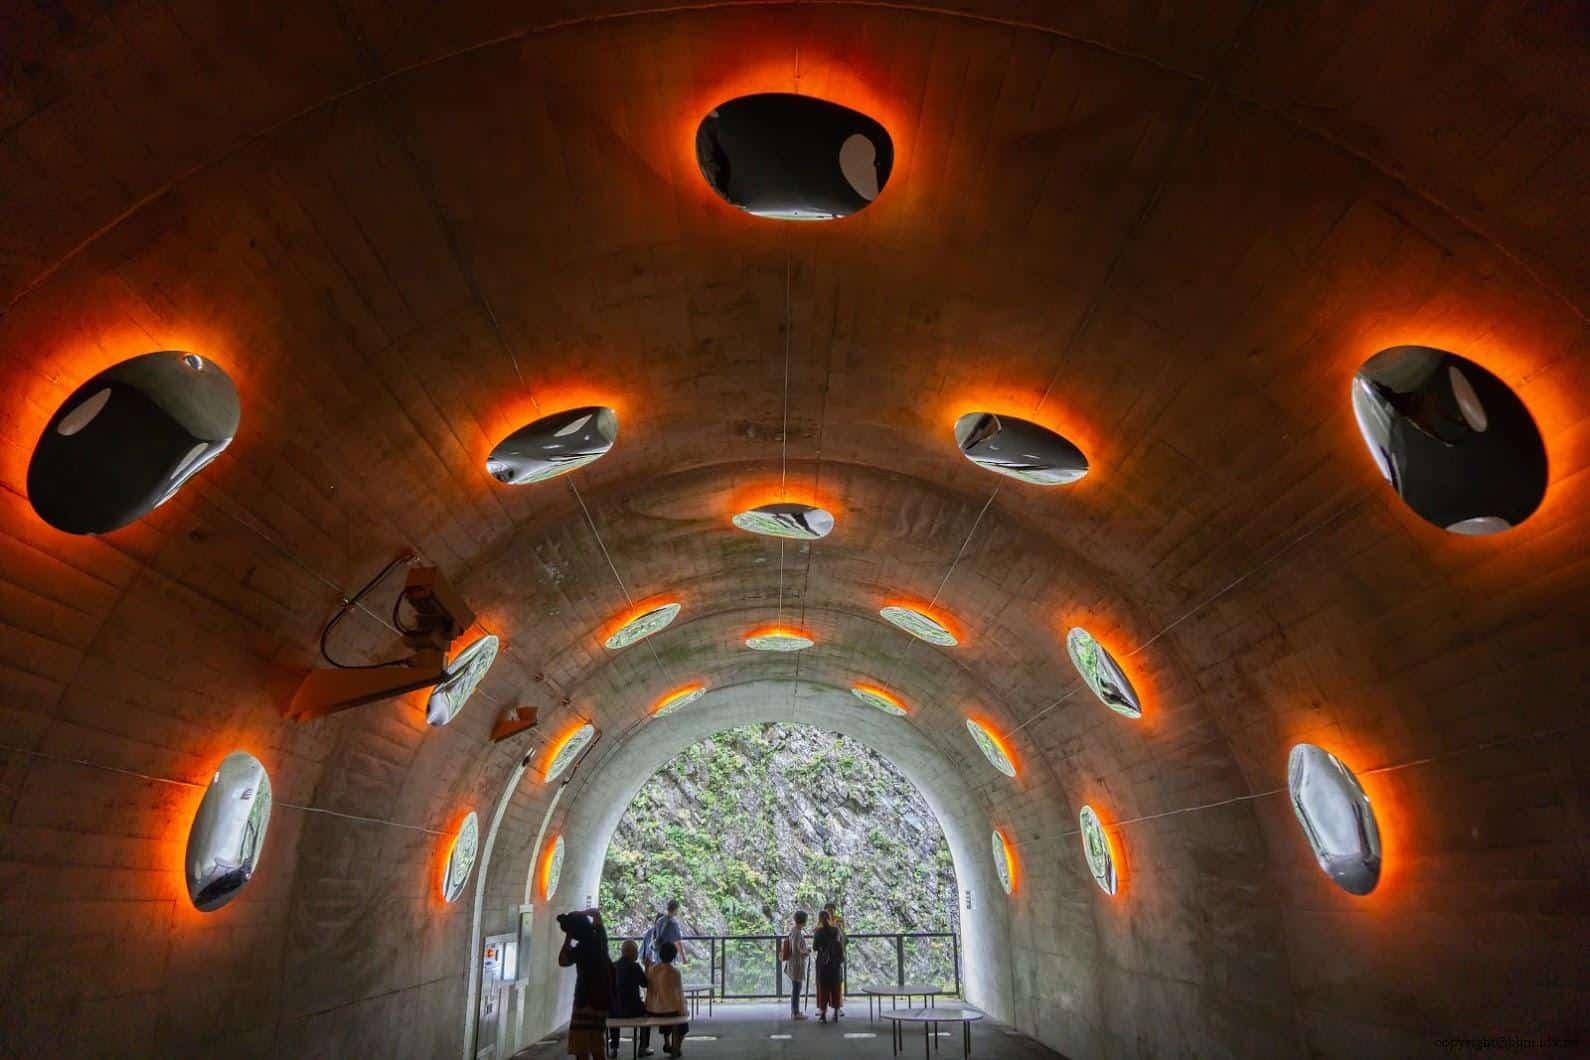 馬岩松,光洞,滴—火(第三觀景台),牆壁上加裝多面水滴形狀的鏡子,每面鏡子都可看到自己也看到別人,彷彿穿梭在現實與虛擬間找尋自我 越後妻有 光洞 periscopelight cave 17